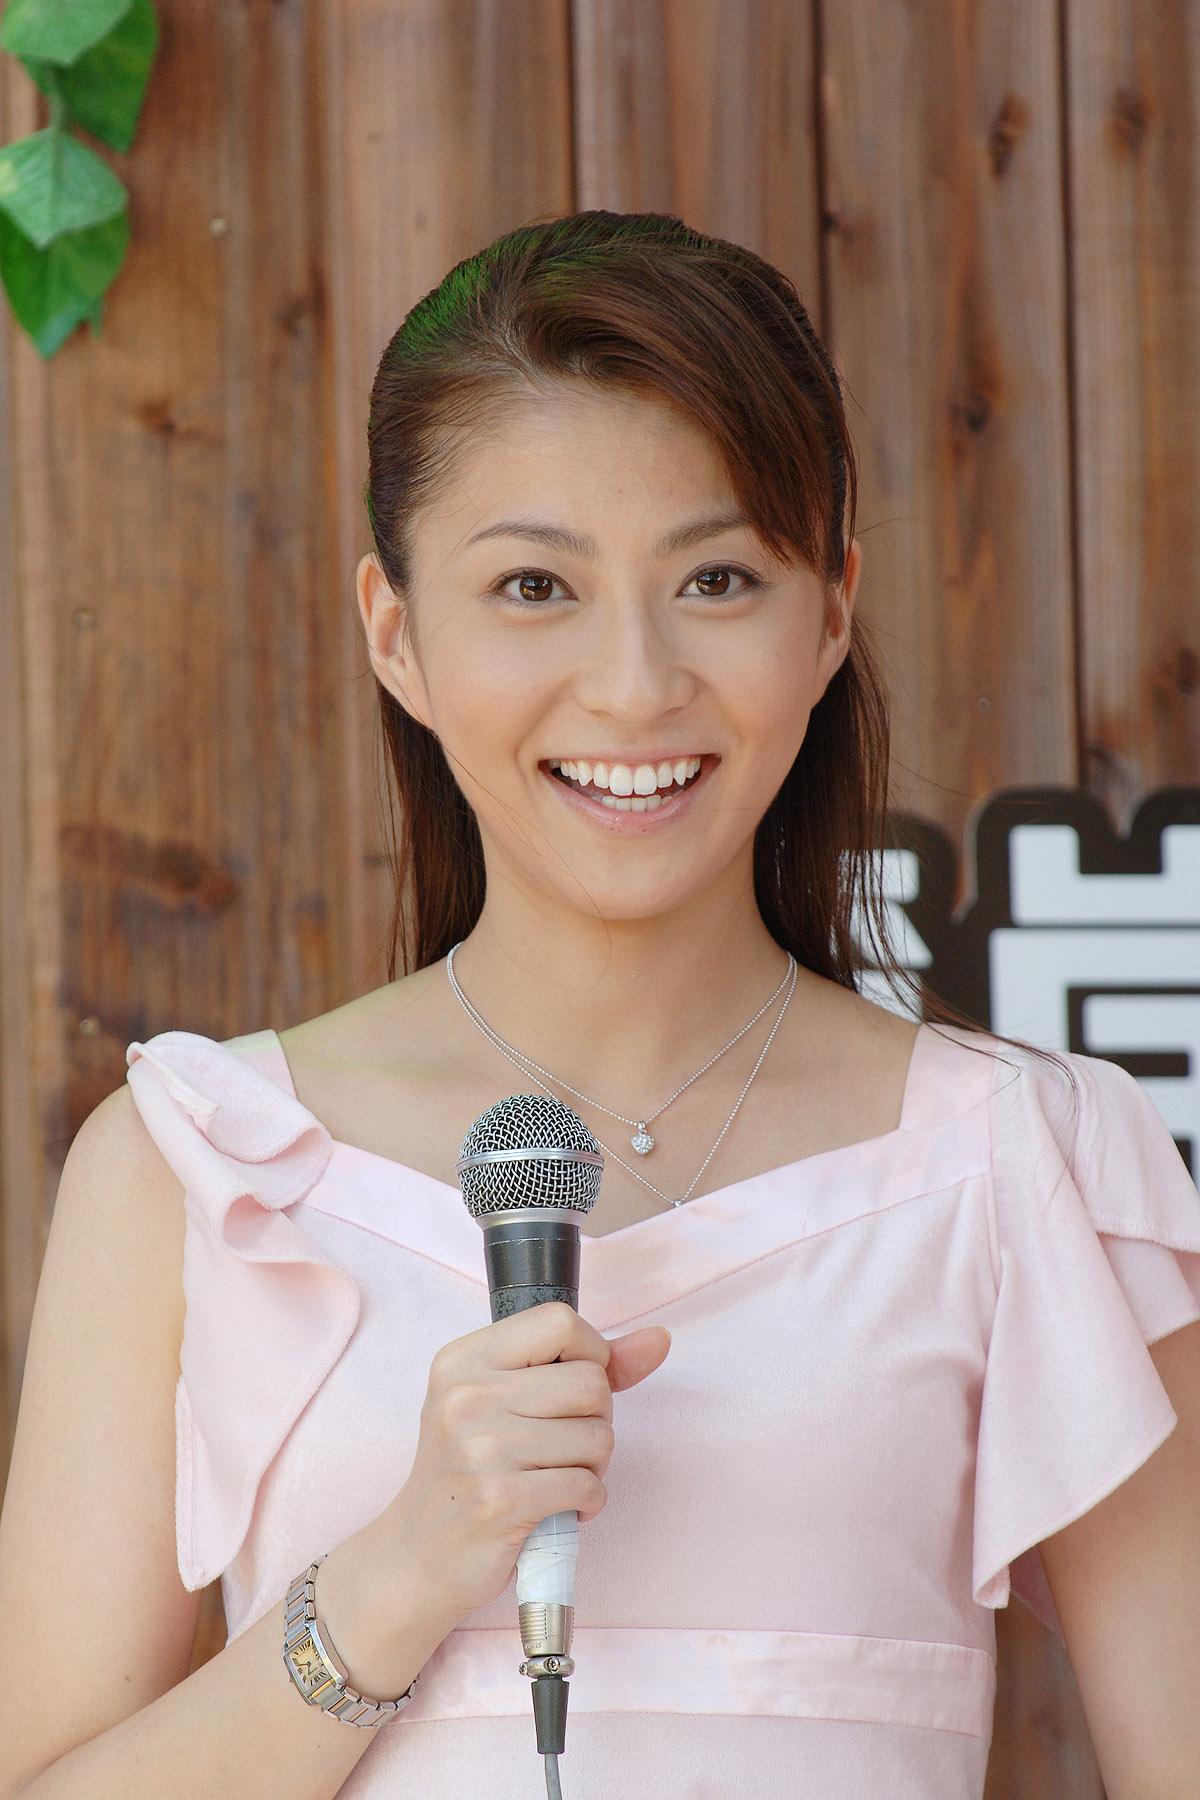 mao kobayashi Mao Kobayashi by pofaGallery